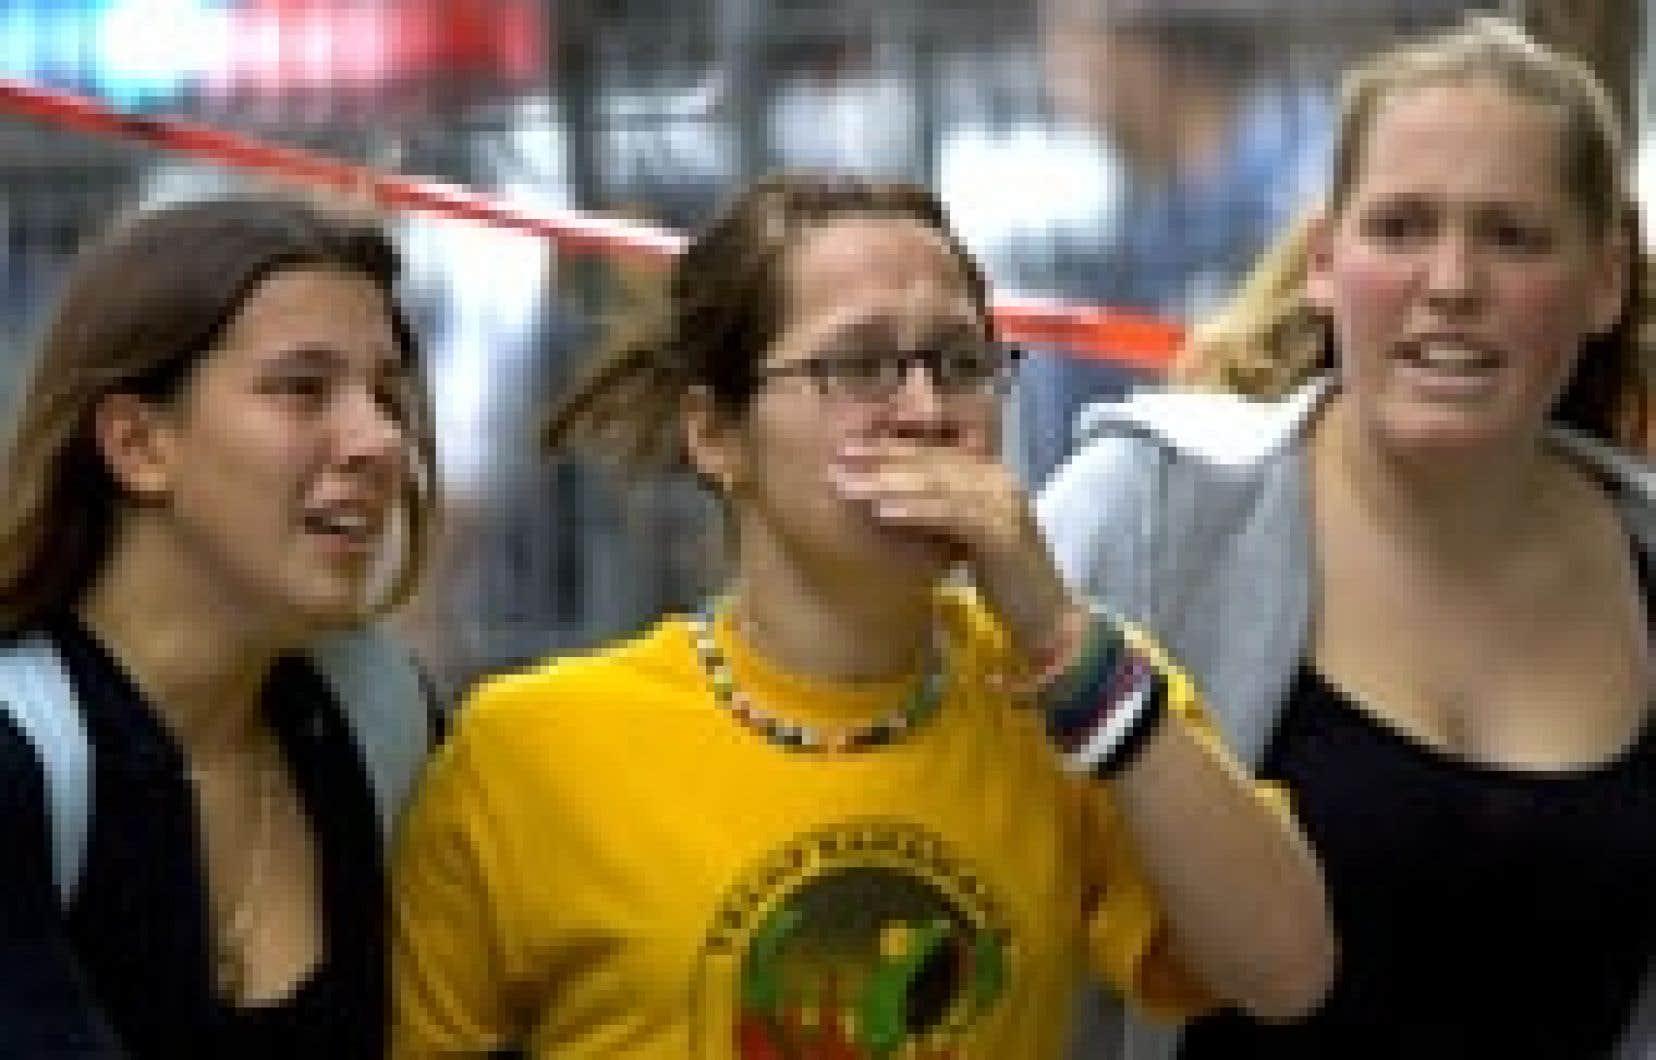 Les étudiants qui fréquentent le Collège Dawson ont rapidement évacué l'établissement. Le drame qui se jouait à l'intérieur avait de quoi troubler ces jeunes femmes.